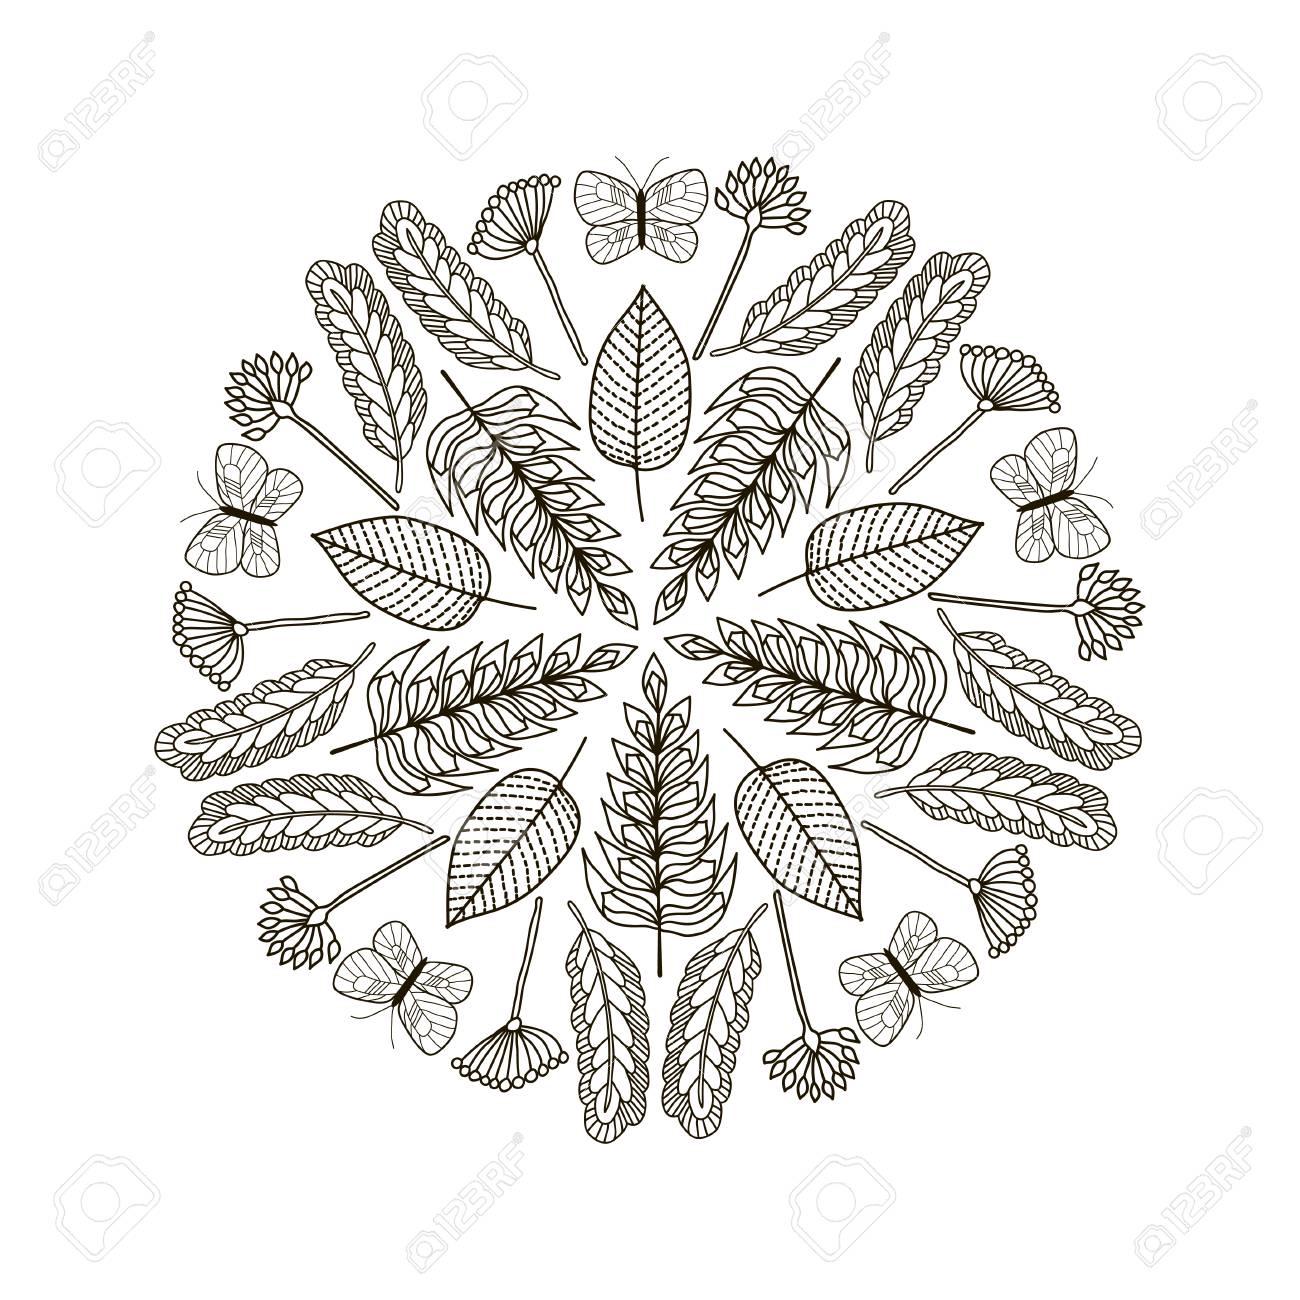 Dibujados A Mano Las Hojas Y Mariposas Fondo Círculo. En Blanco Y ...